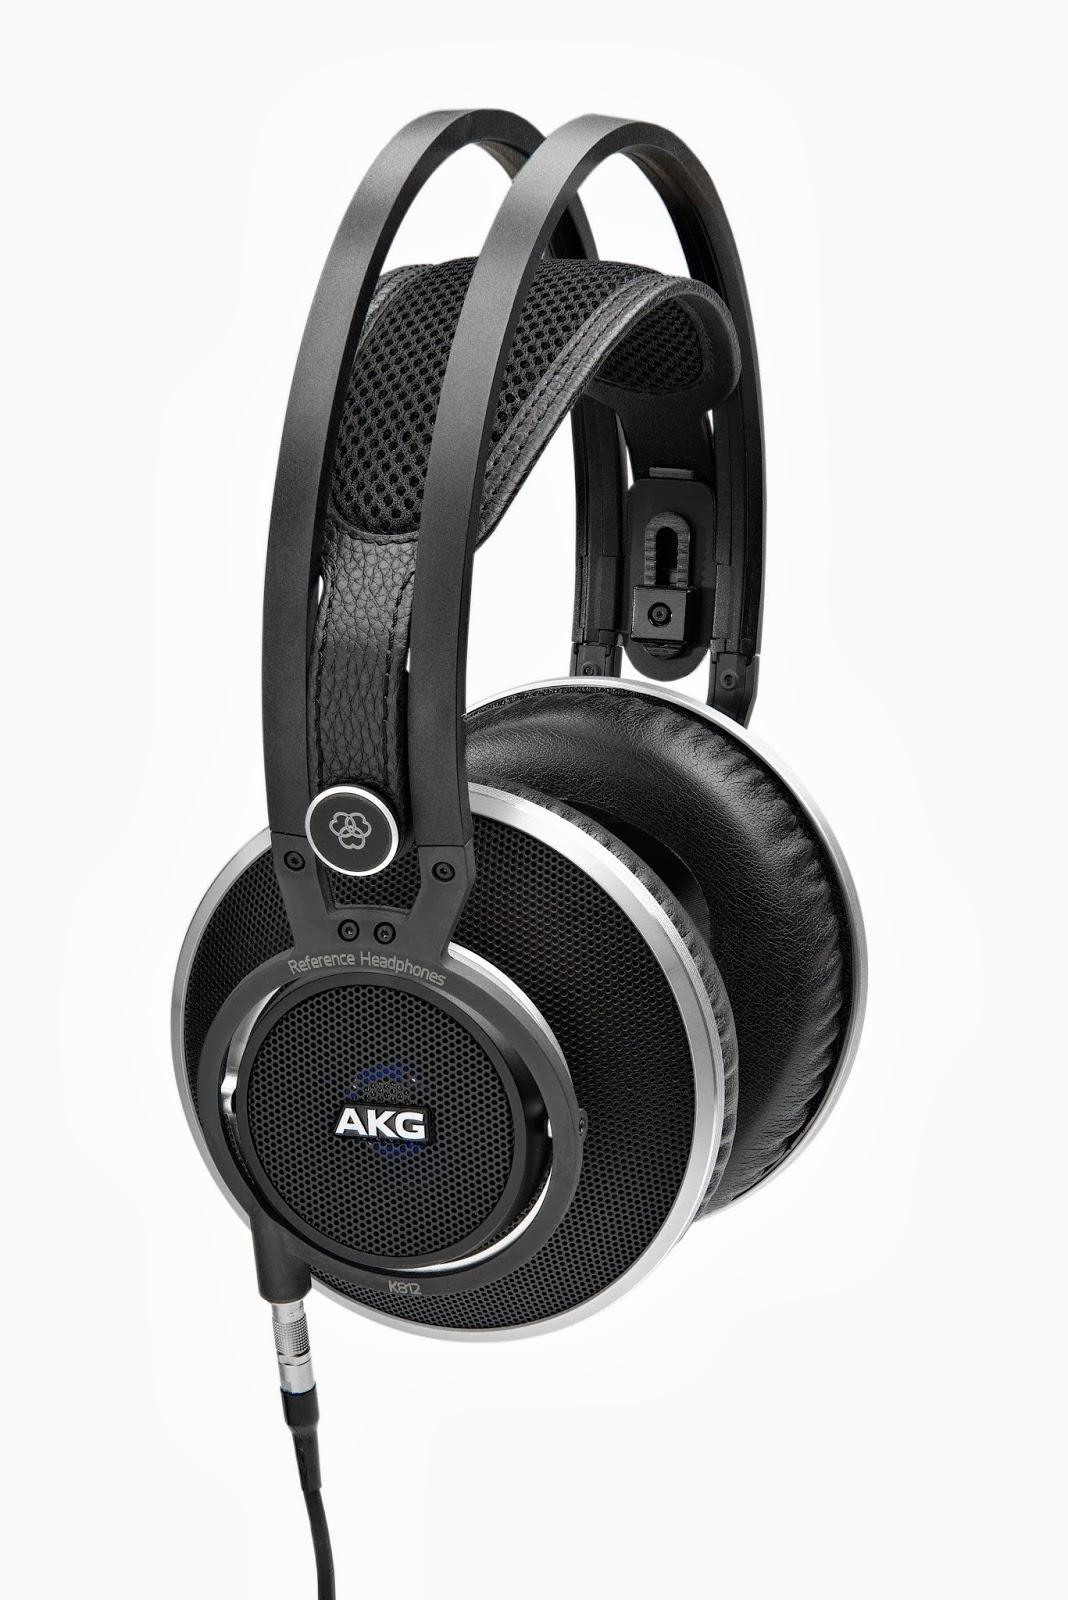 Harman Luxury Audio News: HARMAN's AKG K812 Reference Headphones